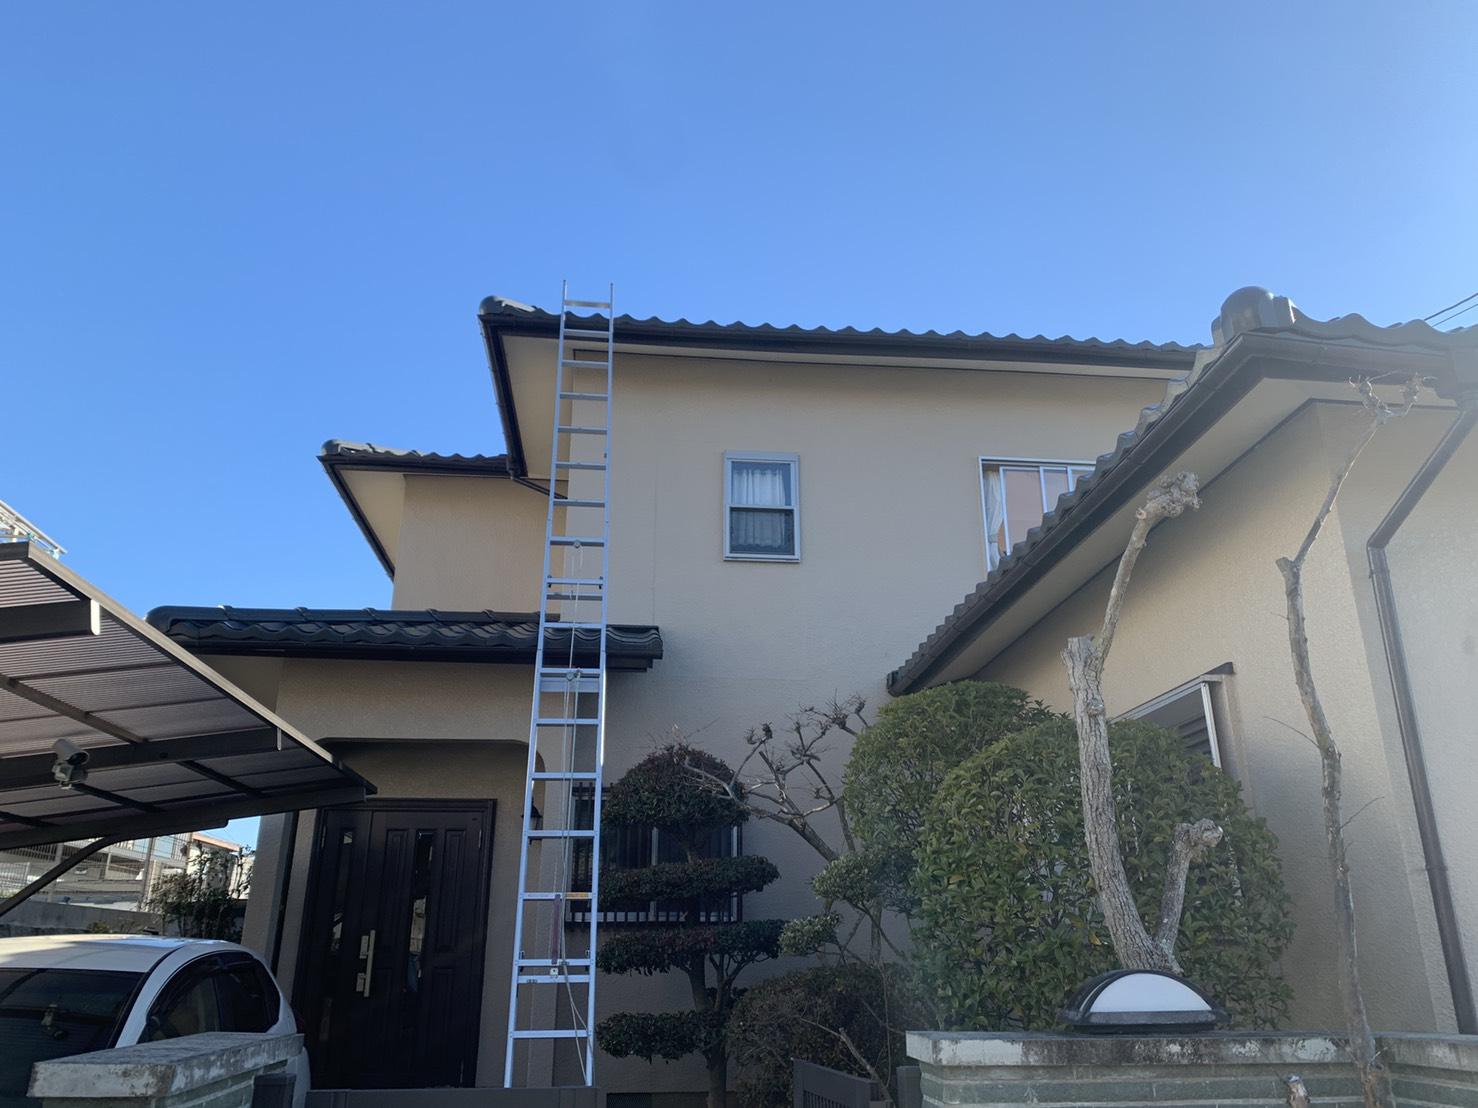 神戸市北区で行った屋根葺き替え工事のお家の様子